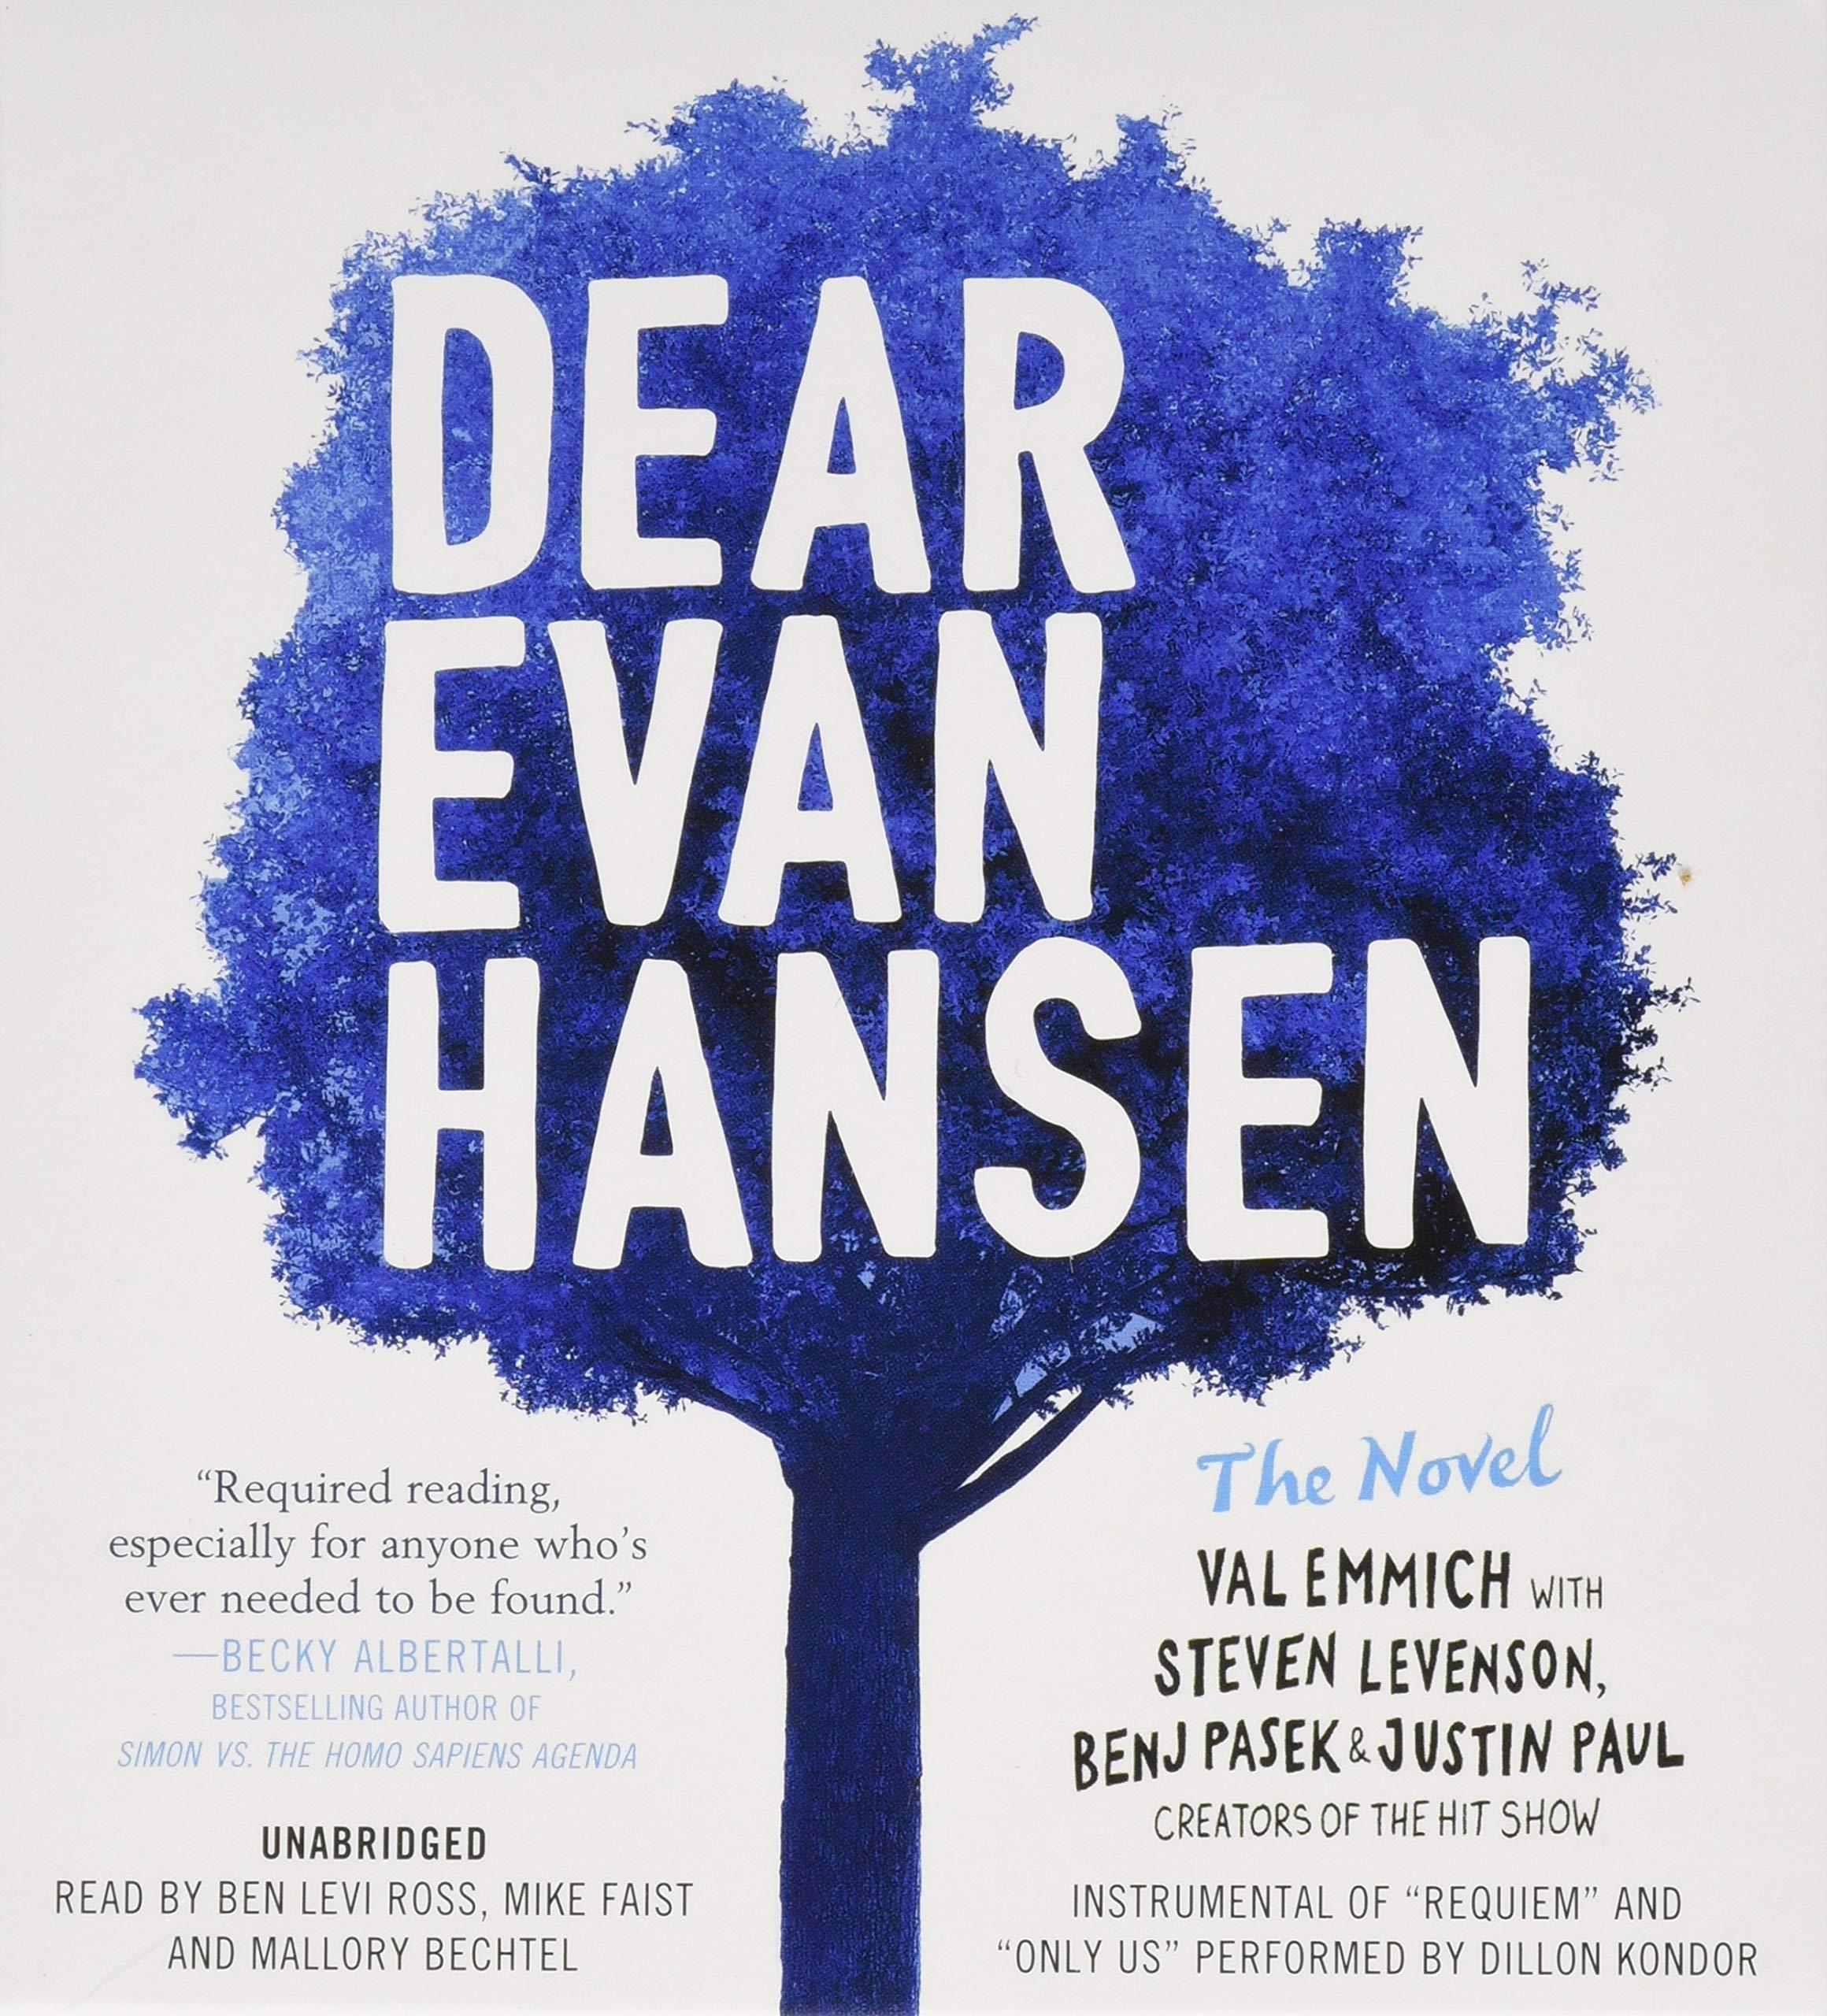 Amazon.com: Dear Evan Hansen: The Novel (9781549117473): Val ...